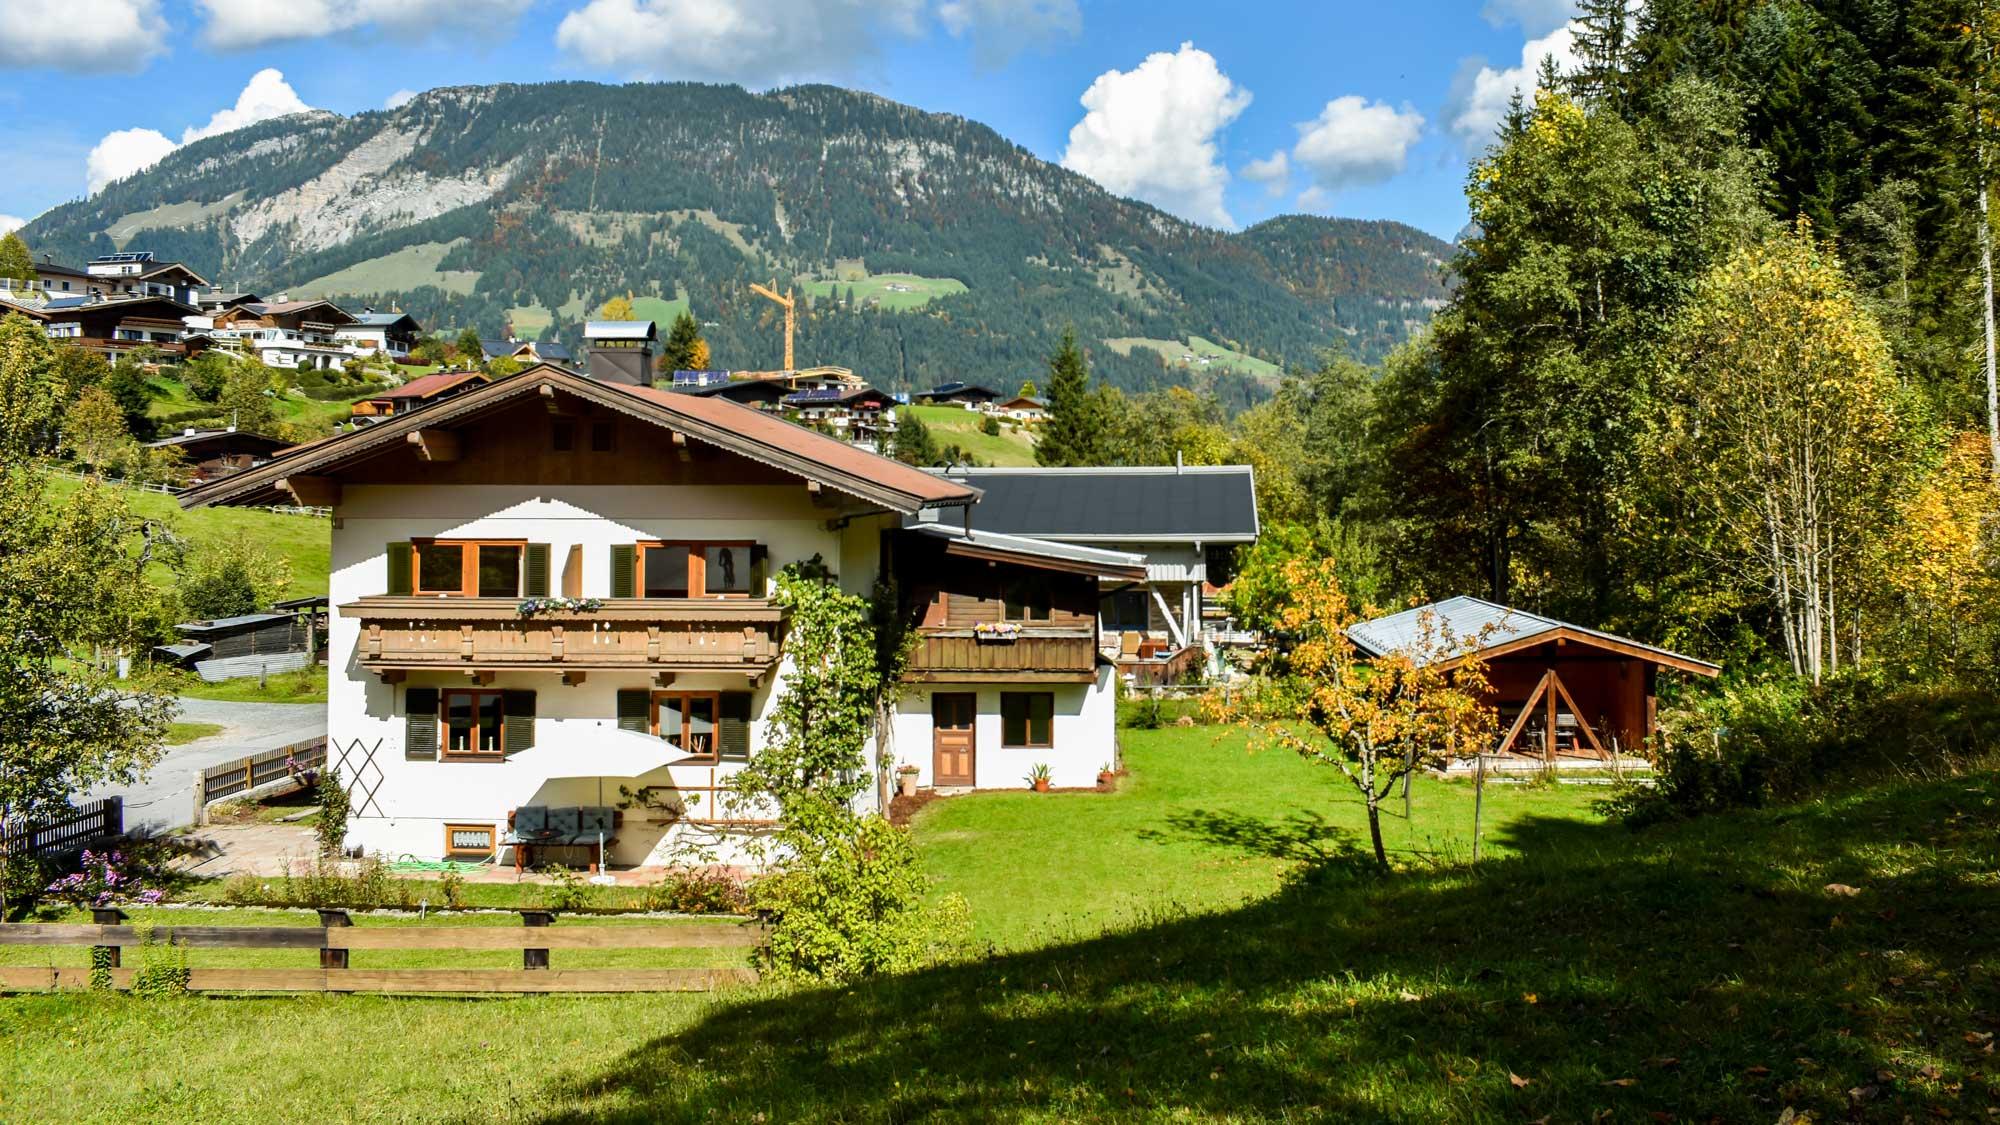 Ferienhaus am Gebraweg in Fieberbrunn (Tirol) - Urlaub in alpiner Idylle